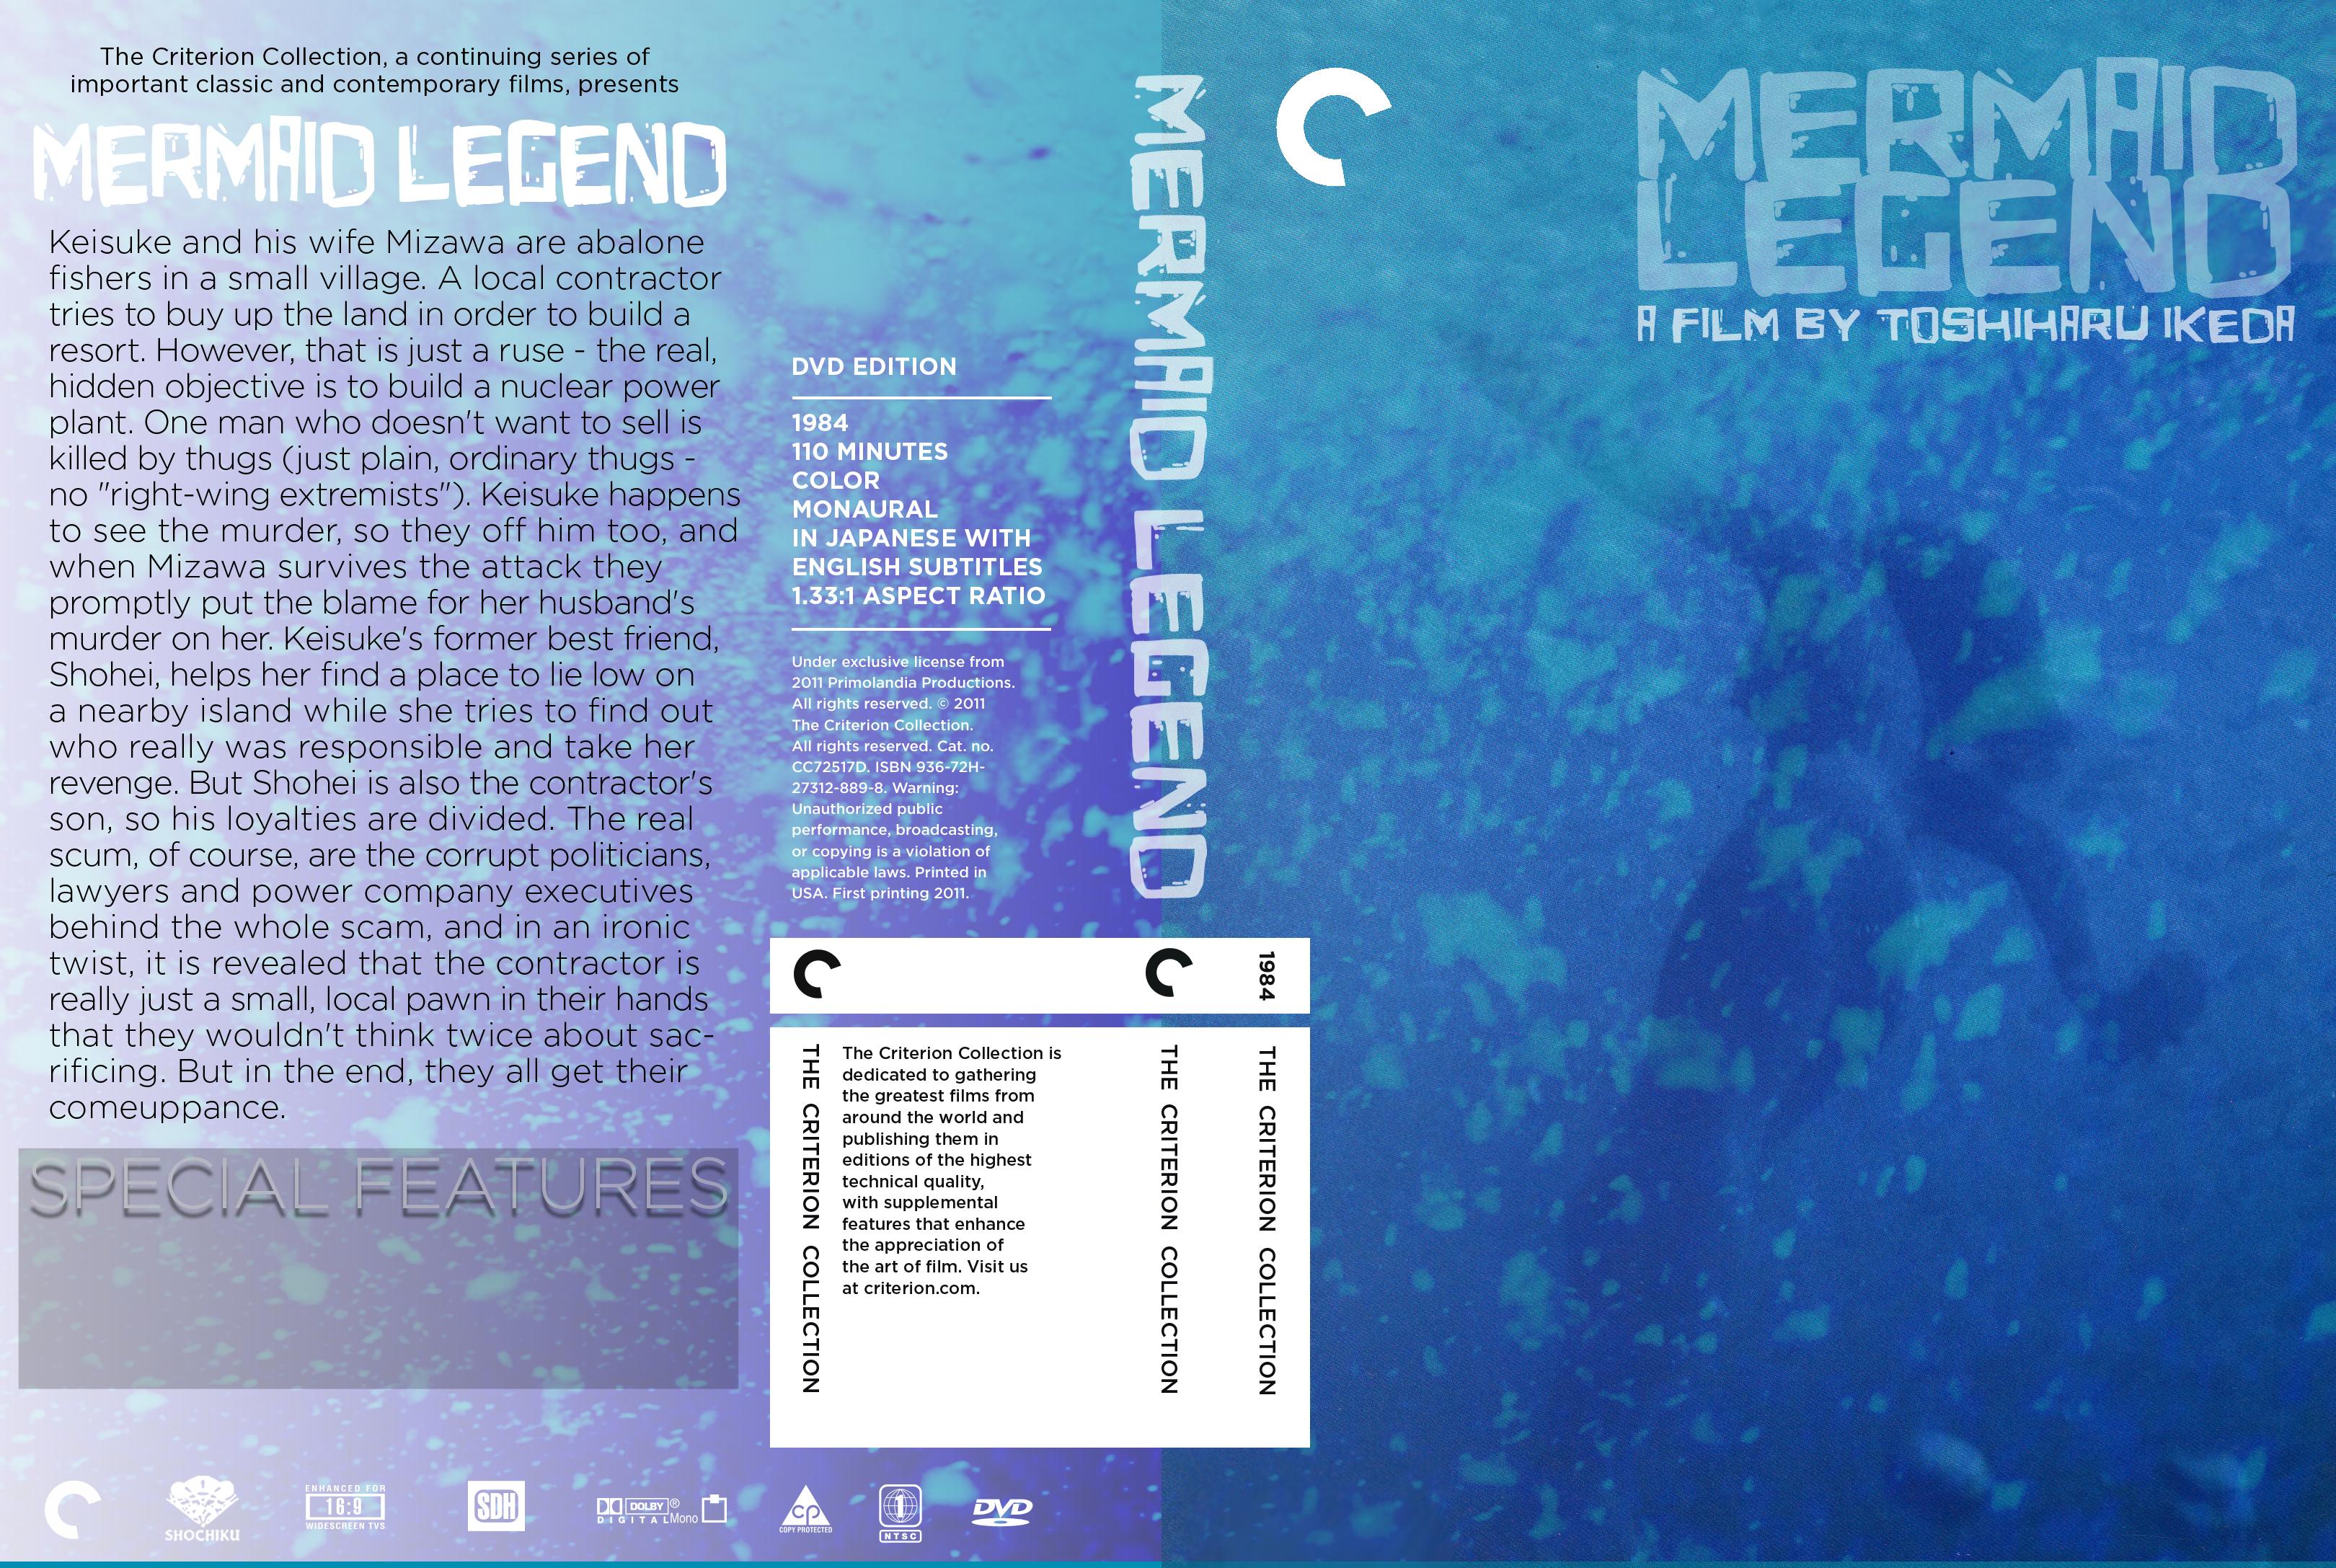 Mermaid Legend Primolandia Productions